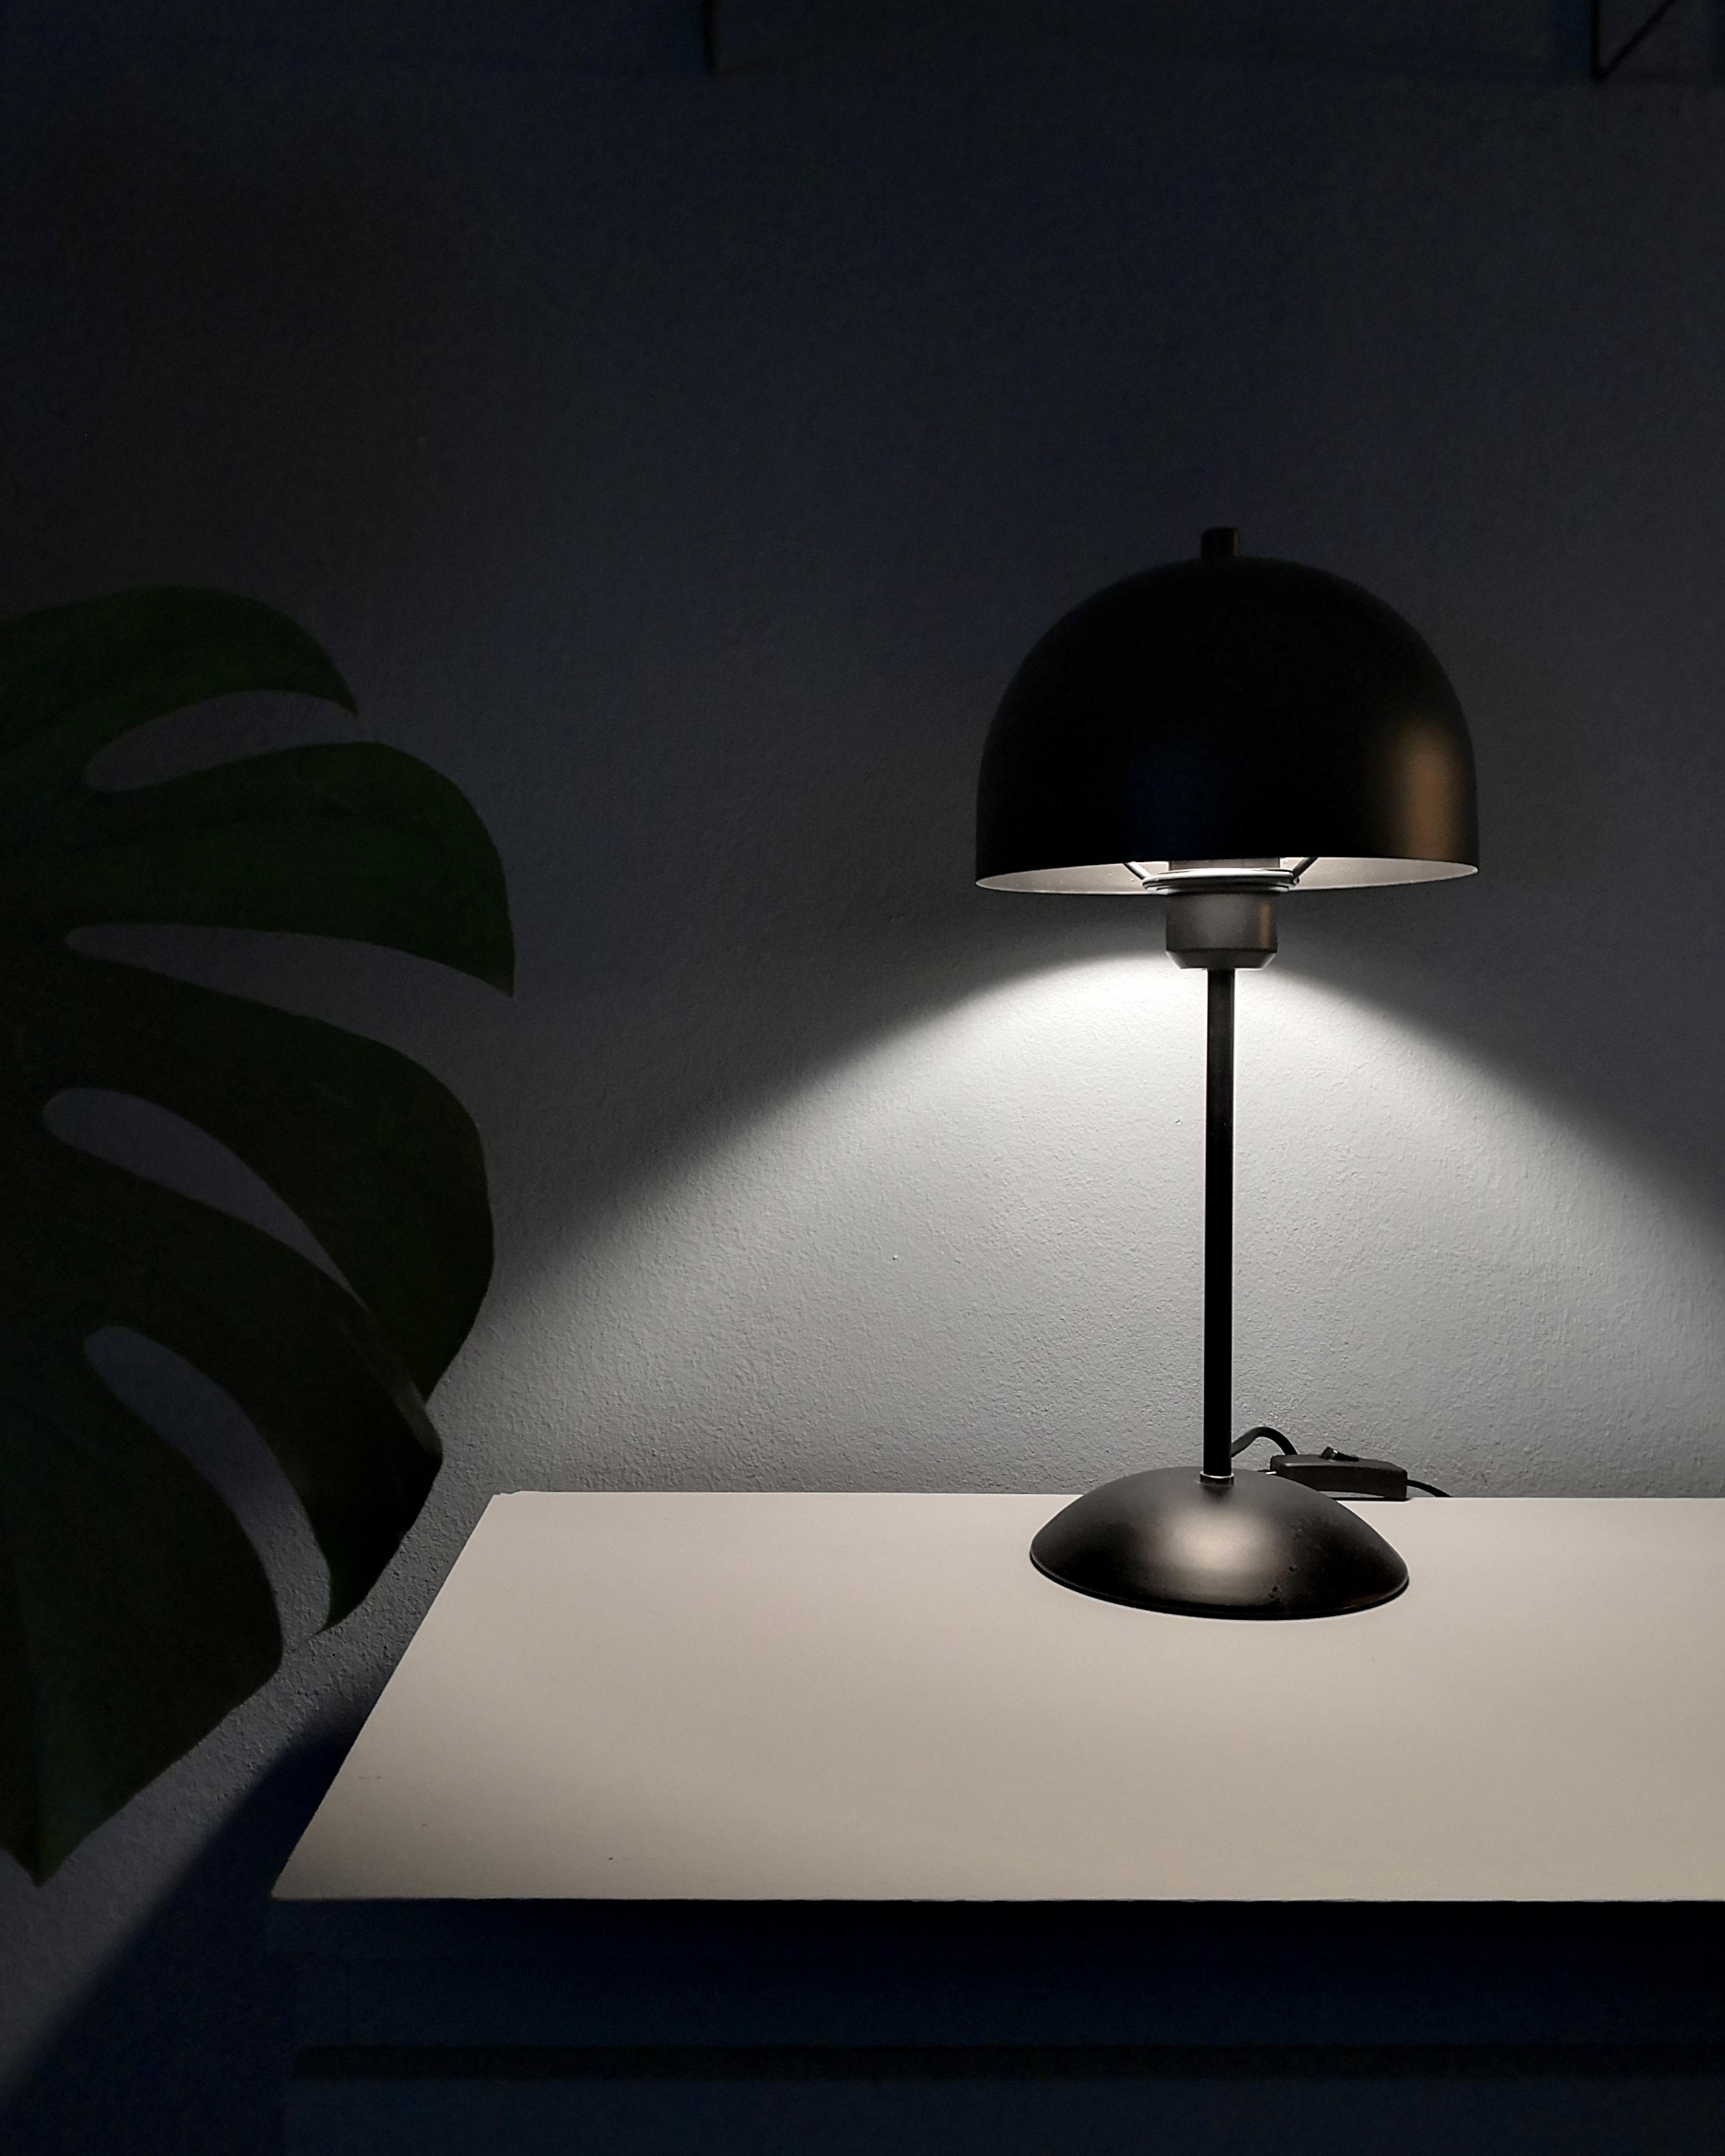 Lampe Scandi Wohnzimmer Livingroom Skandinavisc